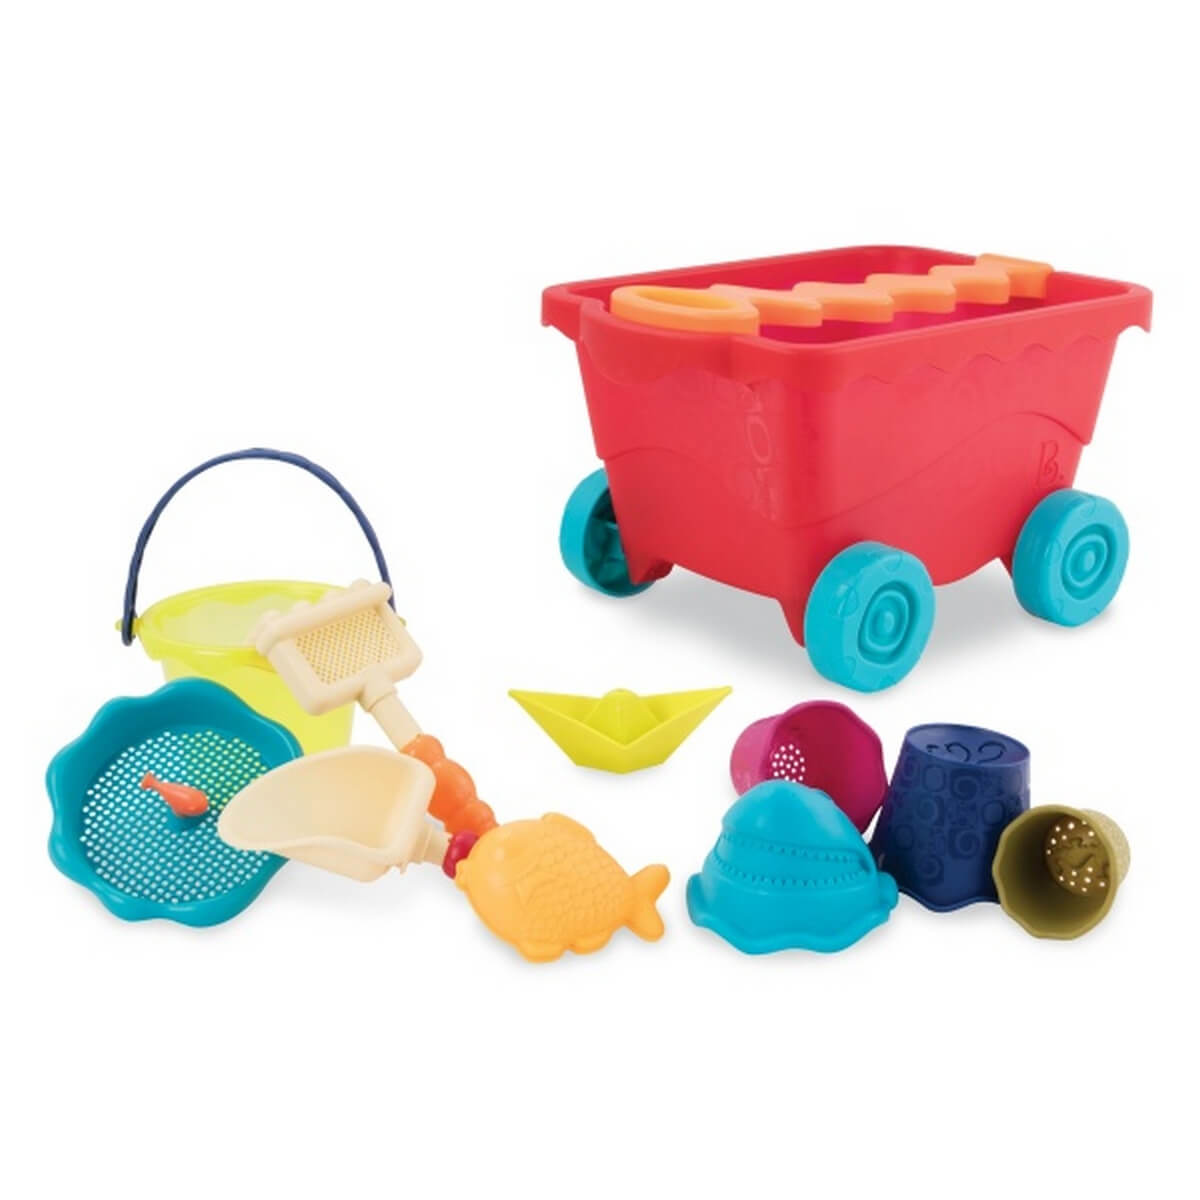 battat Набор для игры с песком и водой «Тележка Манго» Battat BX1594Z